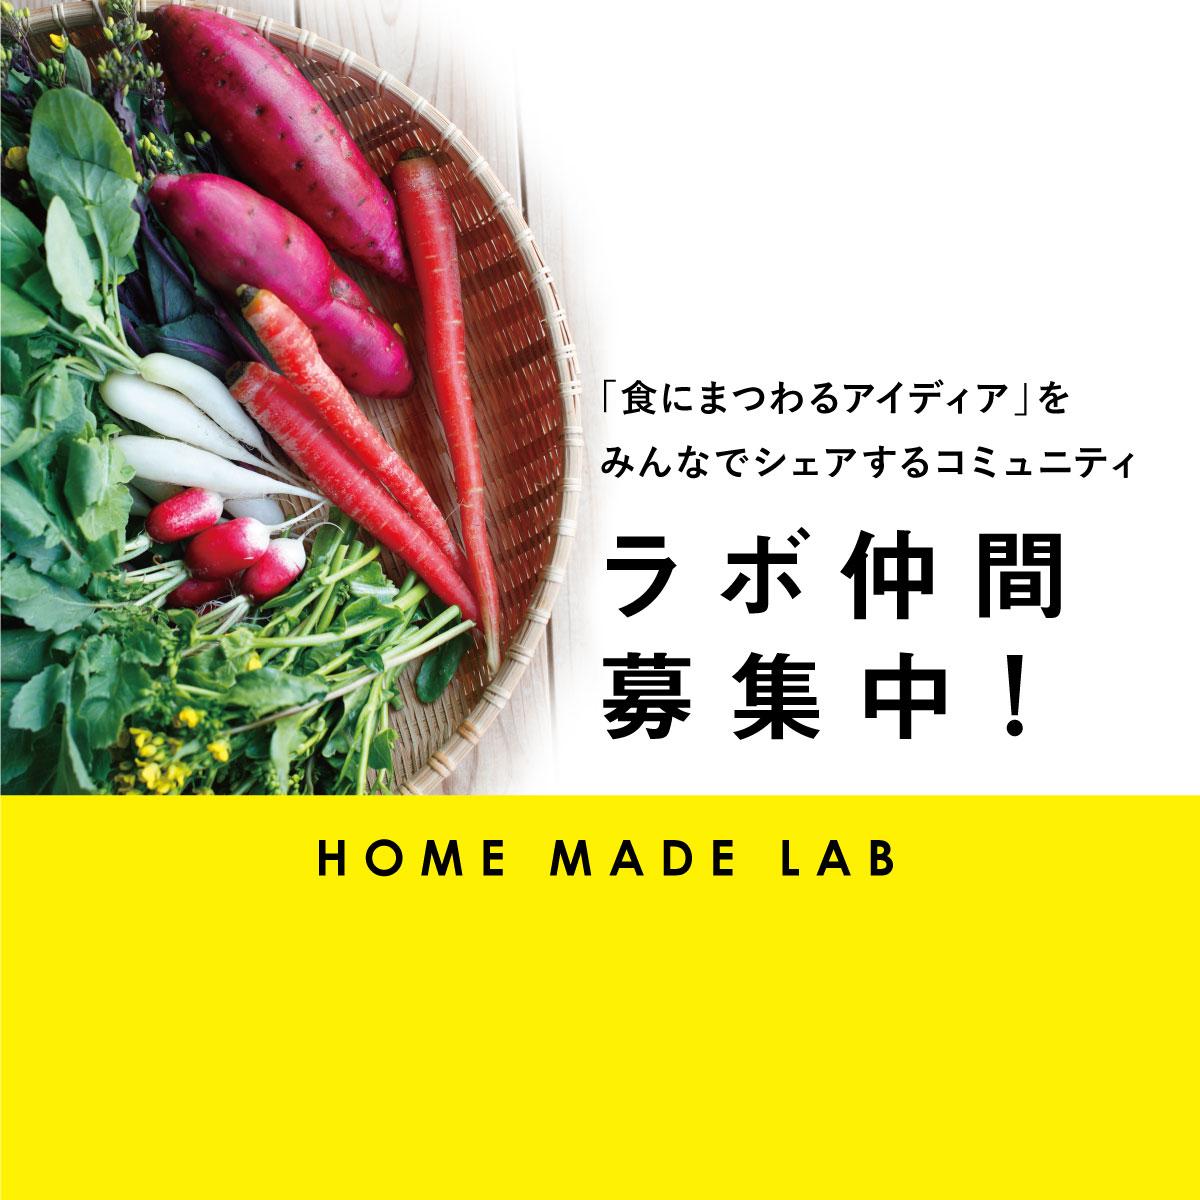 食の実験コミュニティ ホームメイドラボ「ラボ仲間」募集開始!